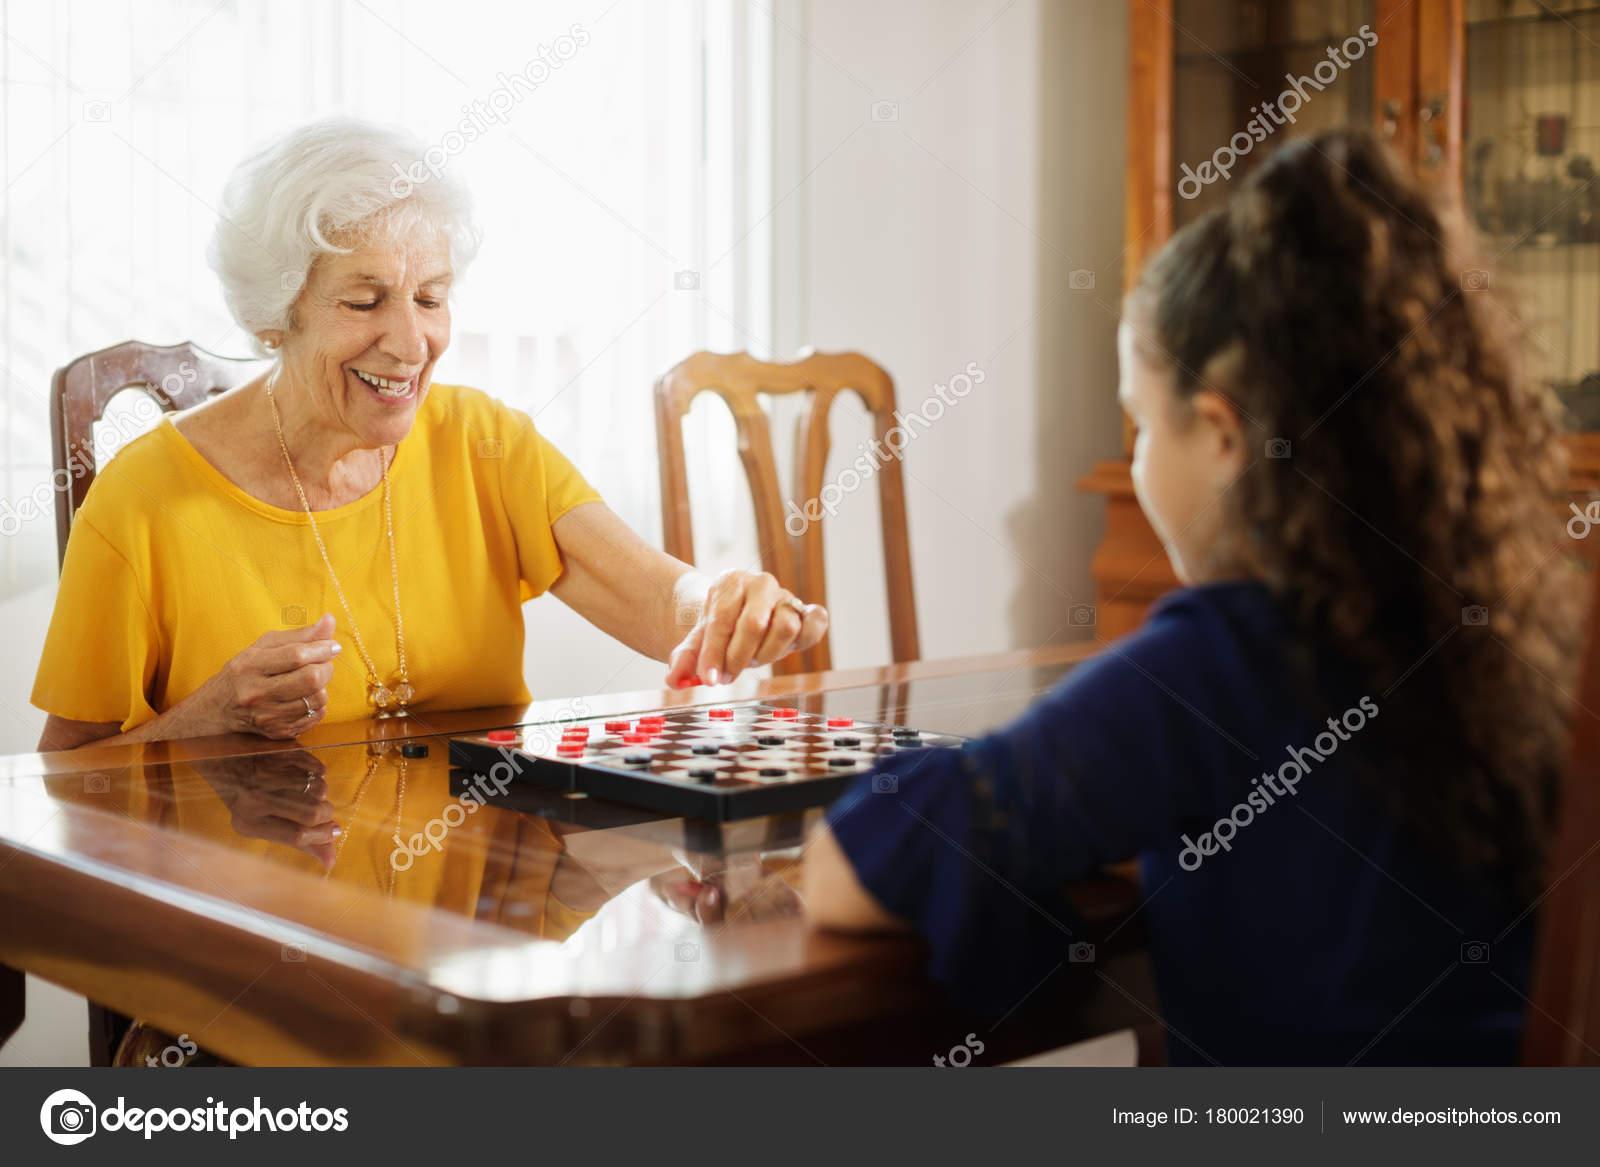 Отношений с девушкой играть